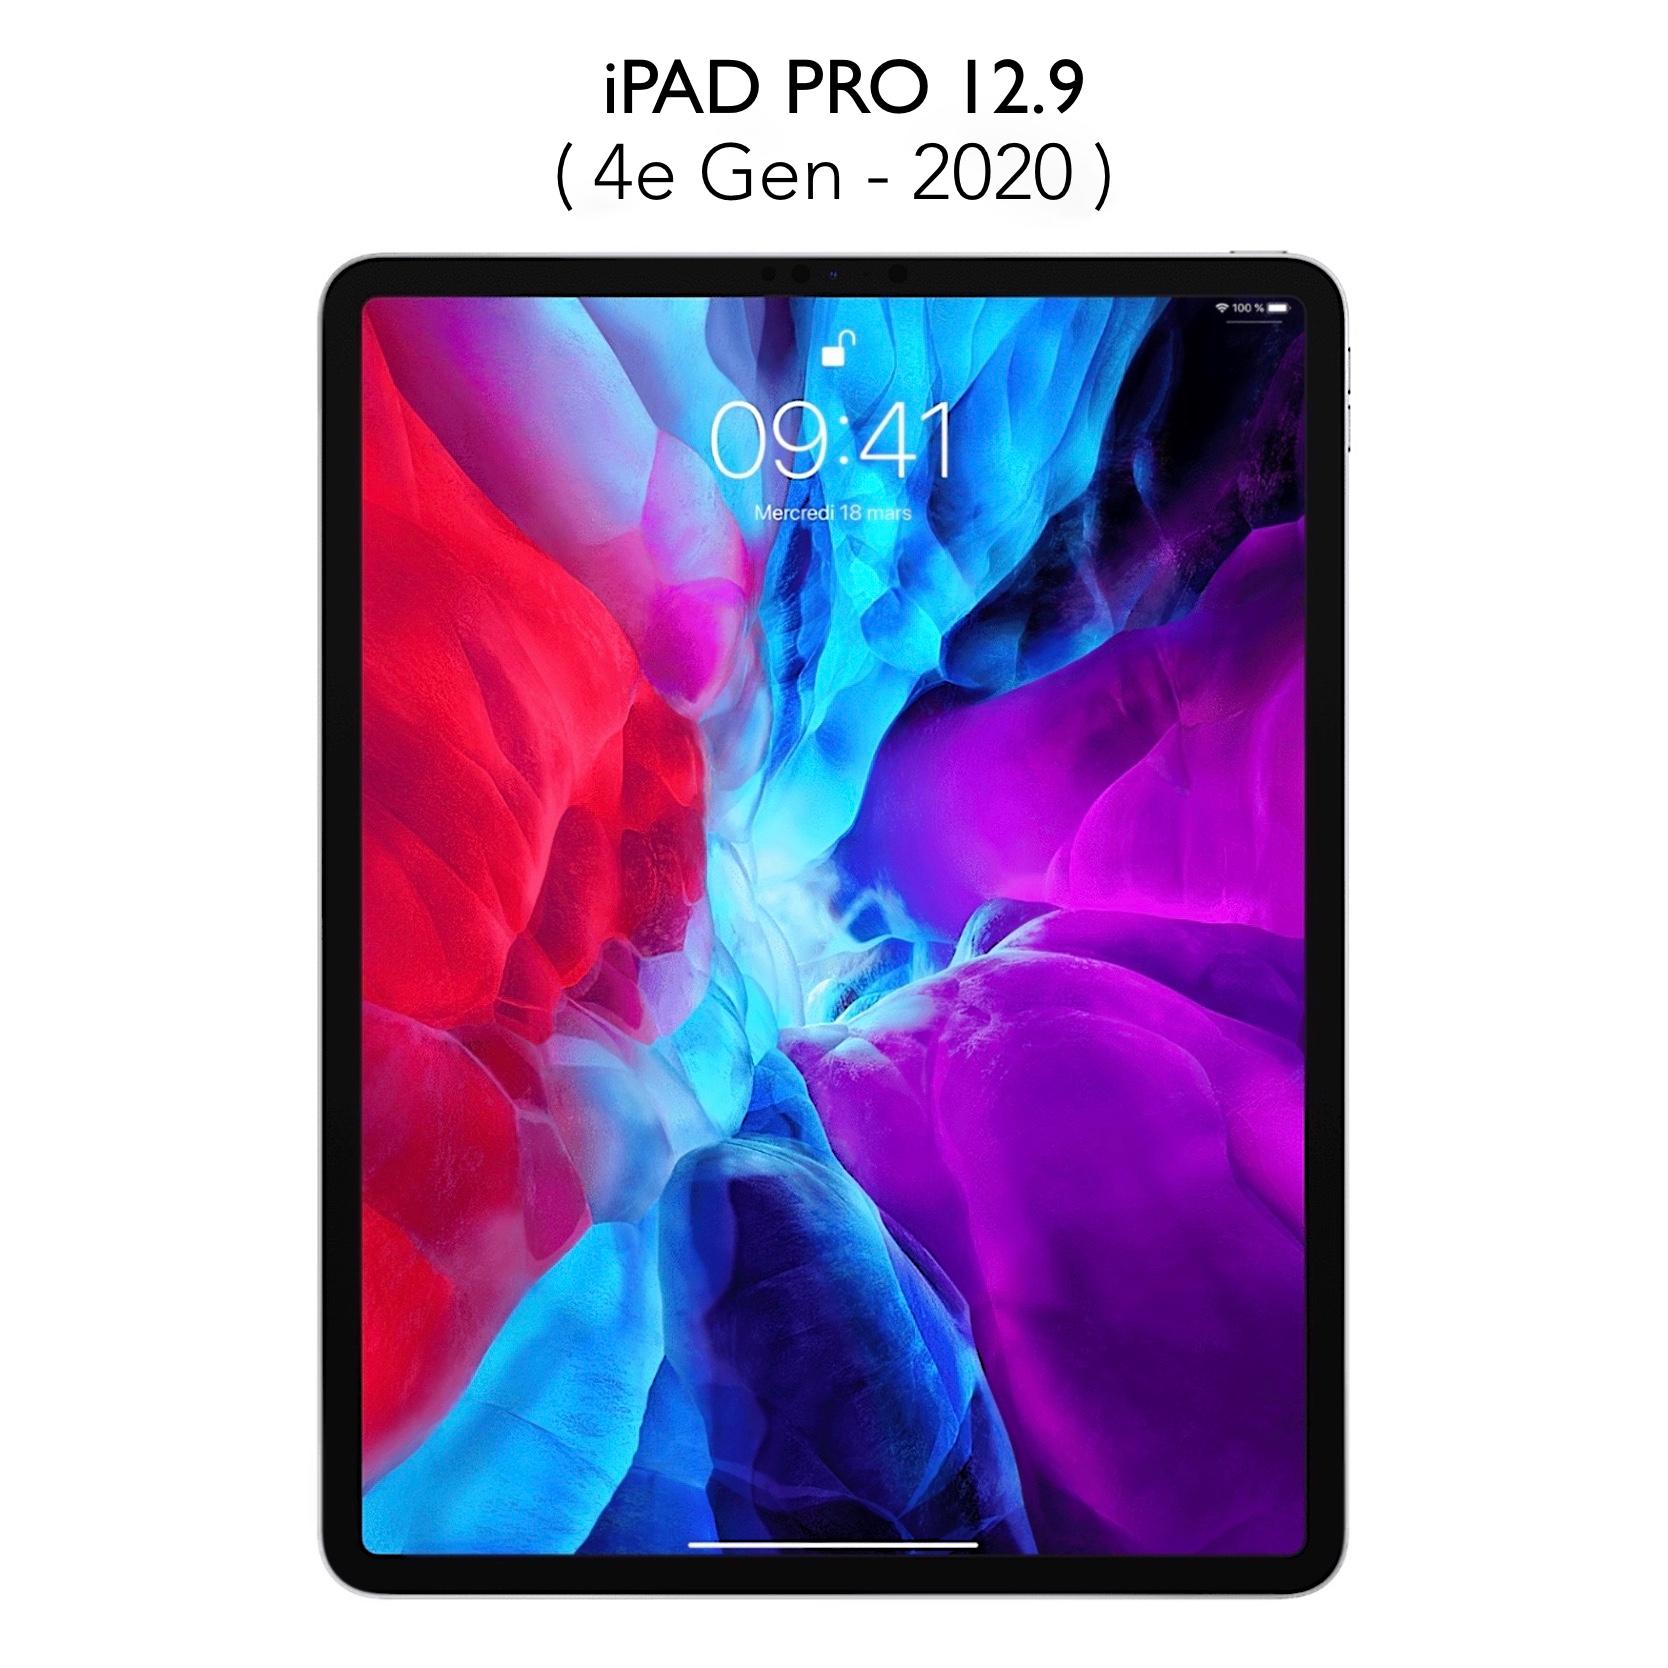 Pack 2 x Verres iPAD PRO 12.9 pouces 4e Gen 2020 Protection ecran Premium